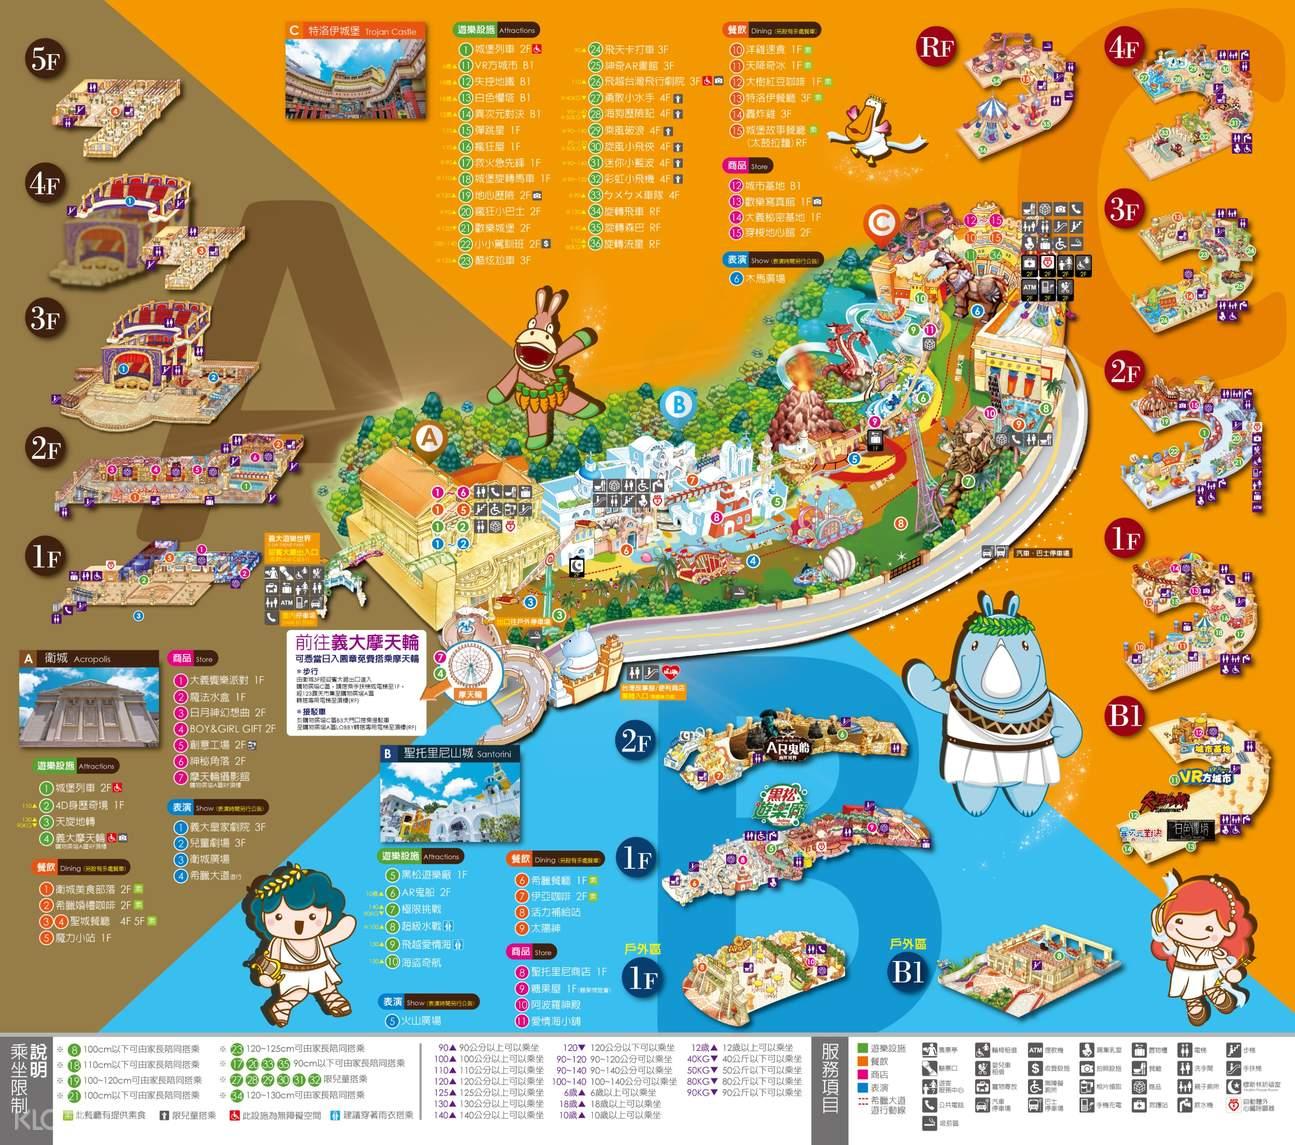 義大遊樂世界|園區導覽圖